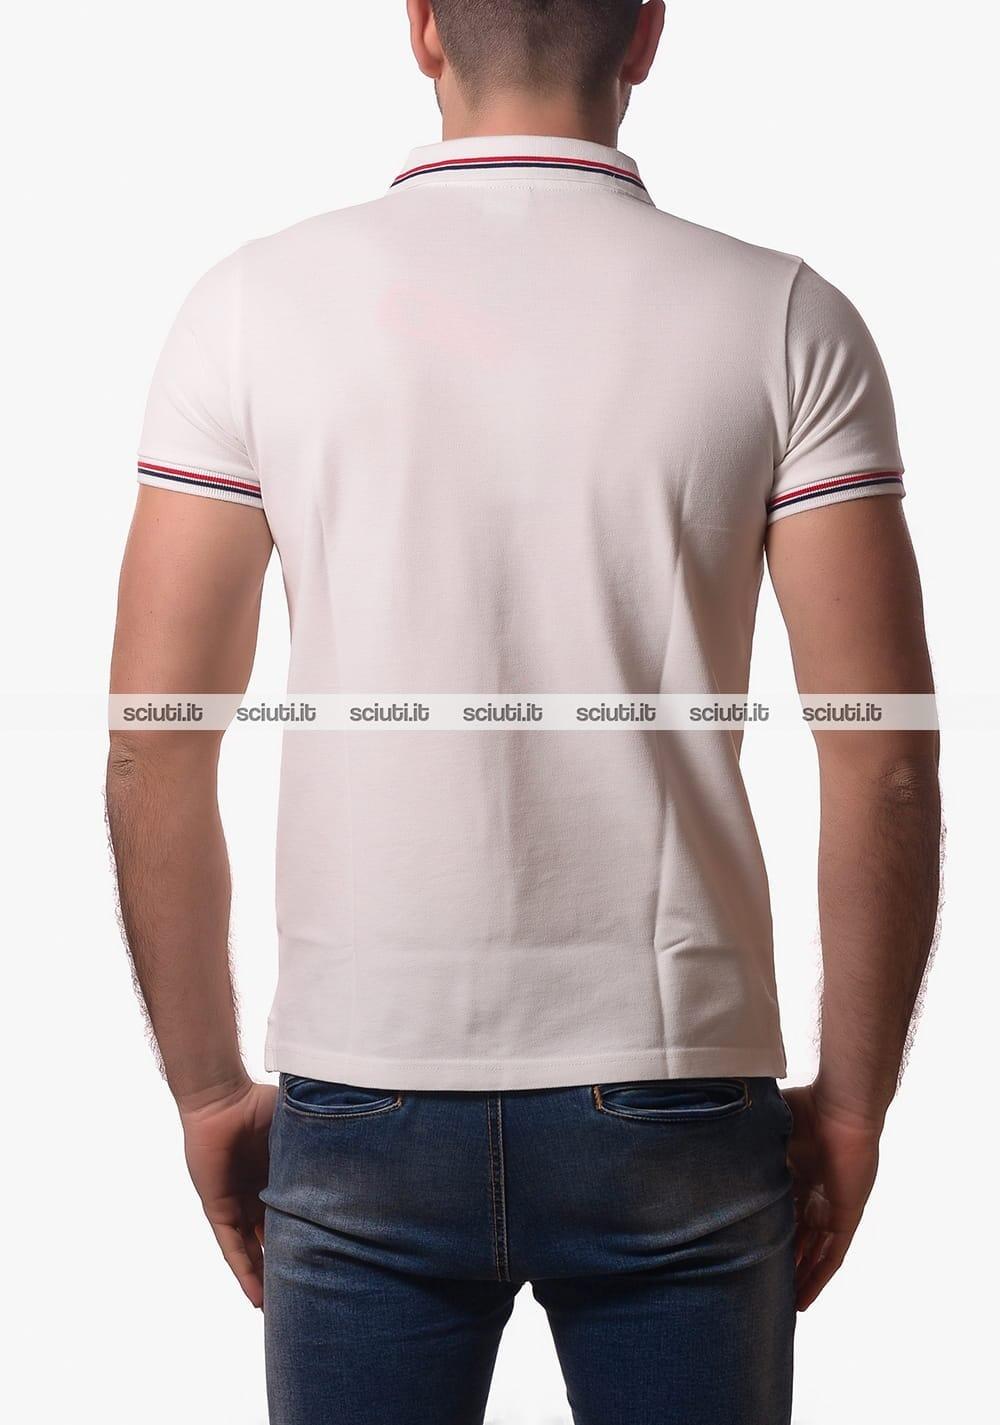 Polo Fila uomo con bordi in contrasto bianca | Sciuti.it